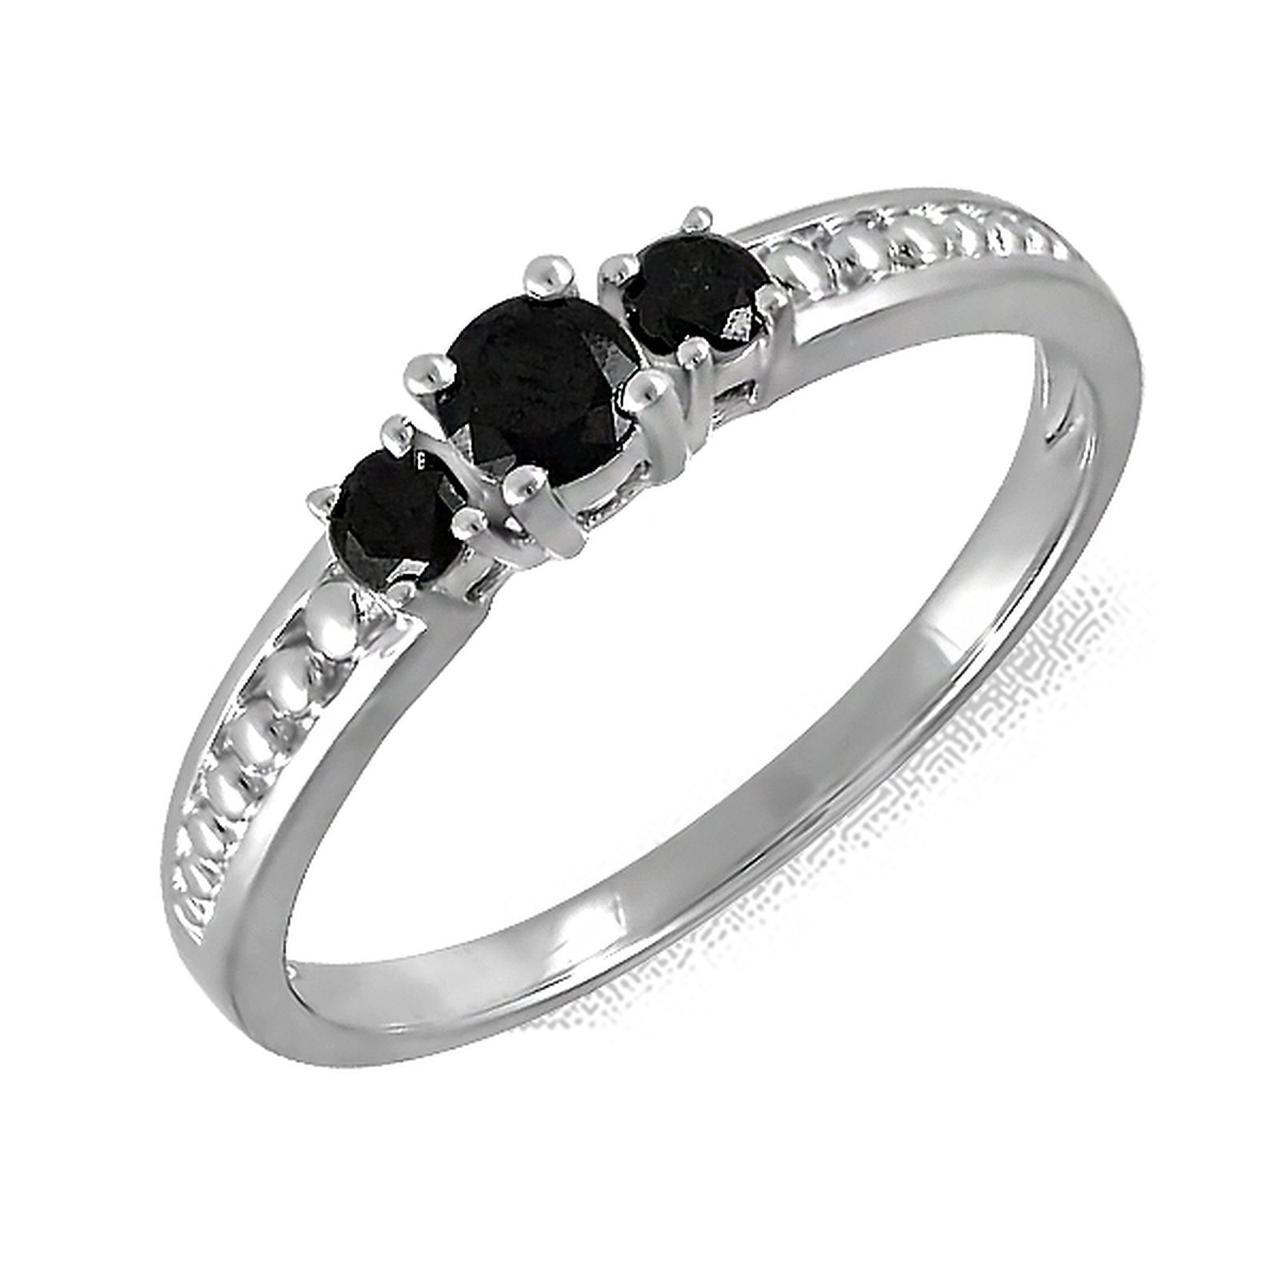 Золотое кольцо с бриллиантами, размер 16.5 (156322)